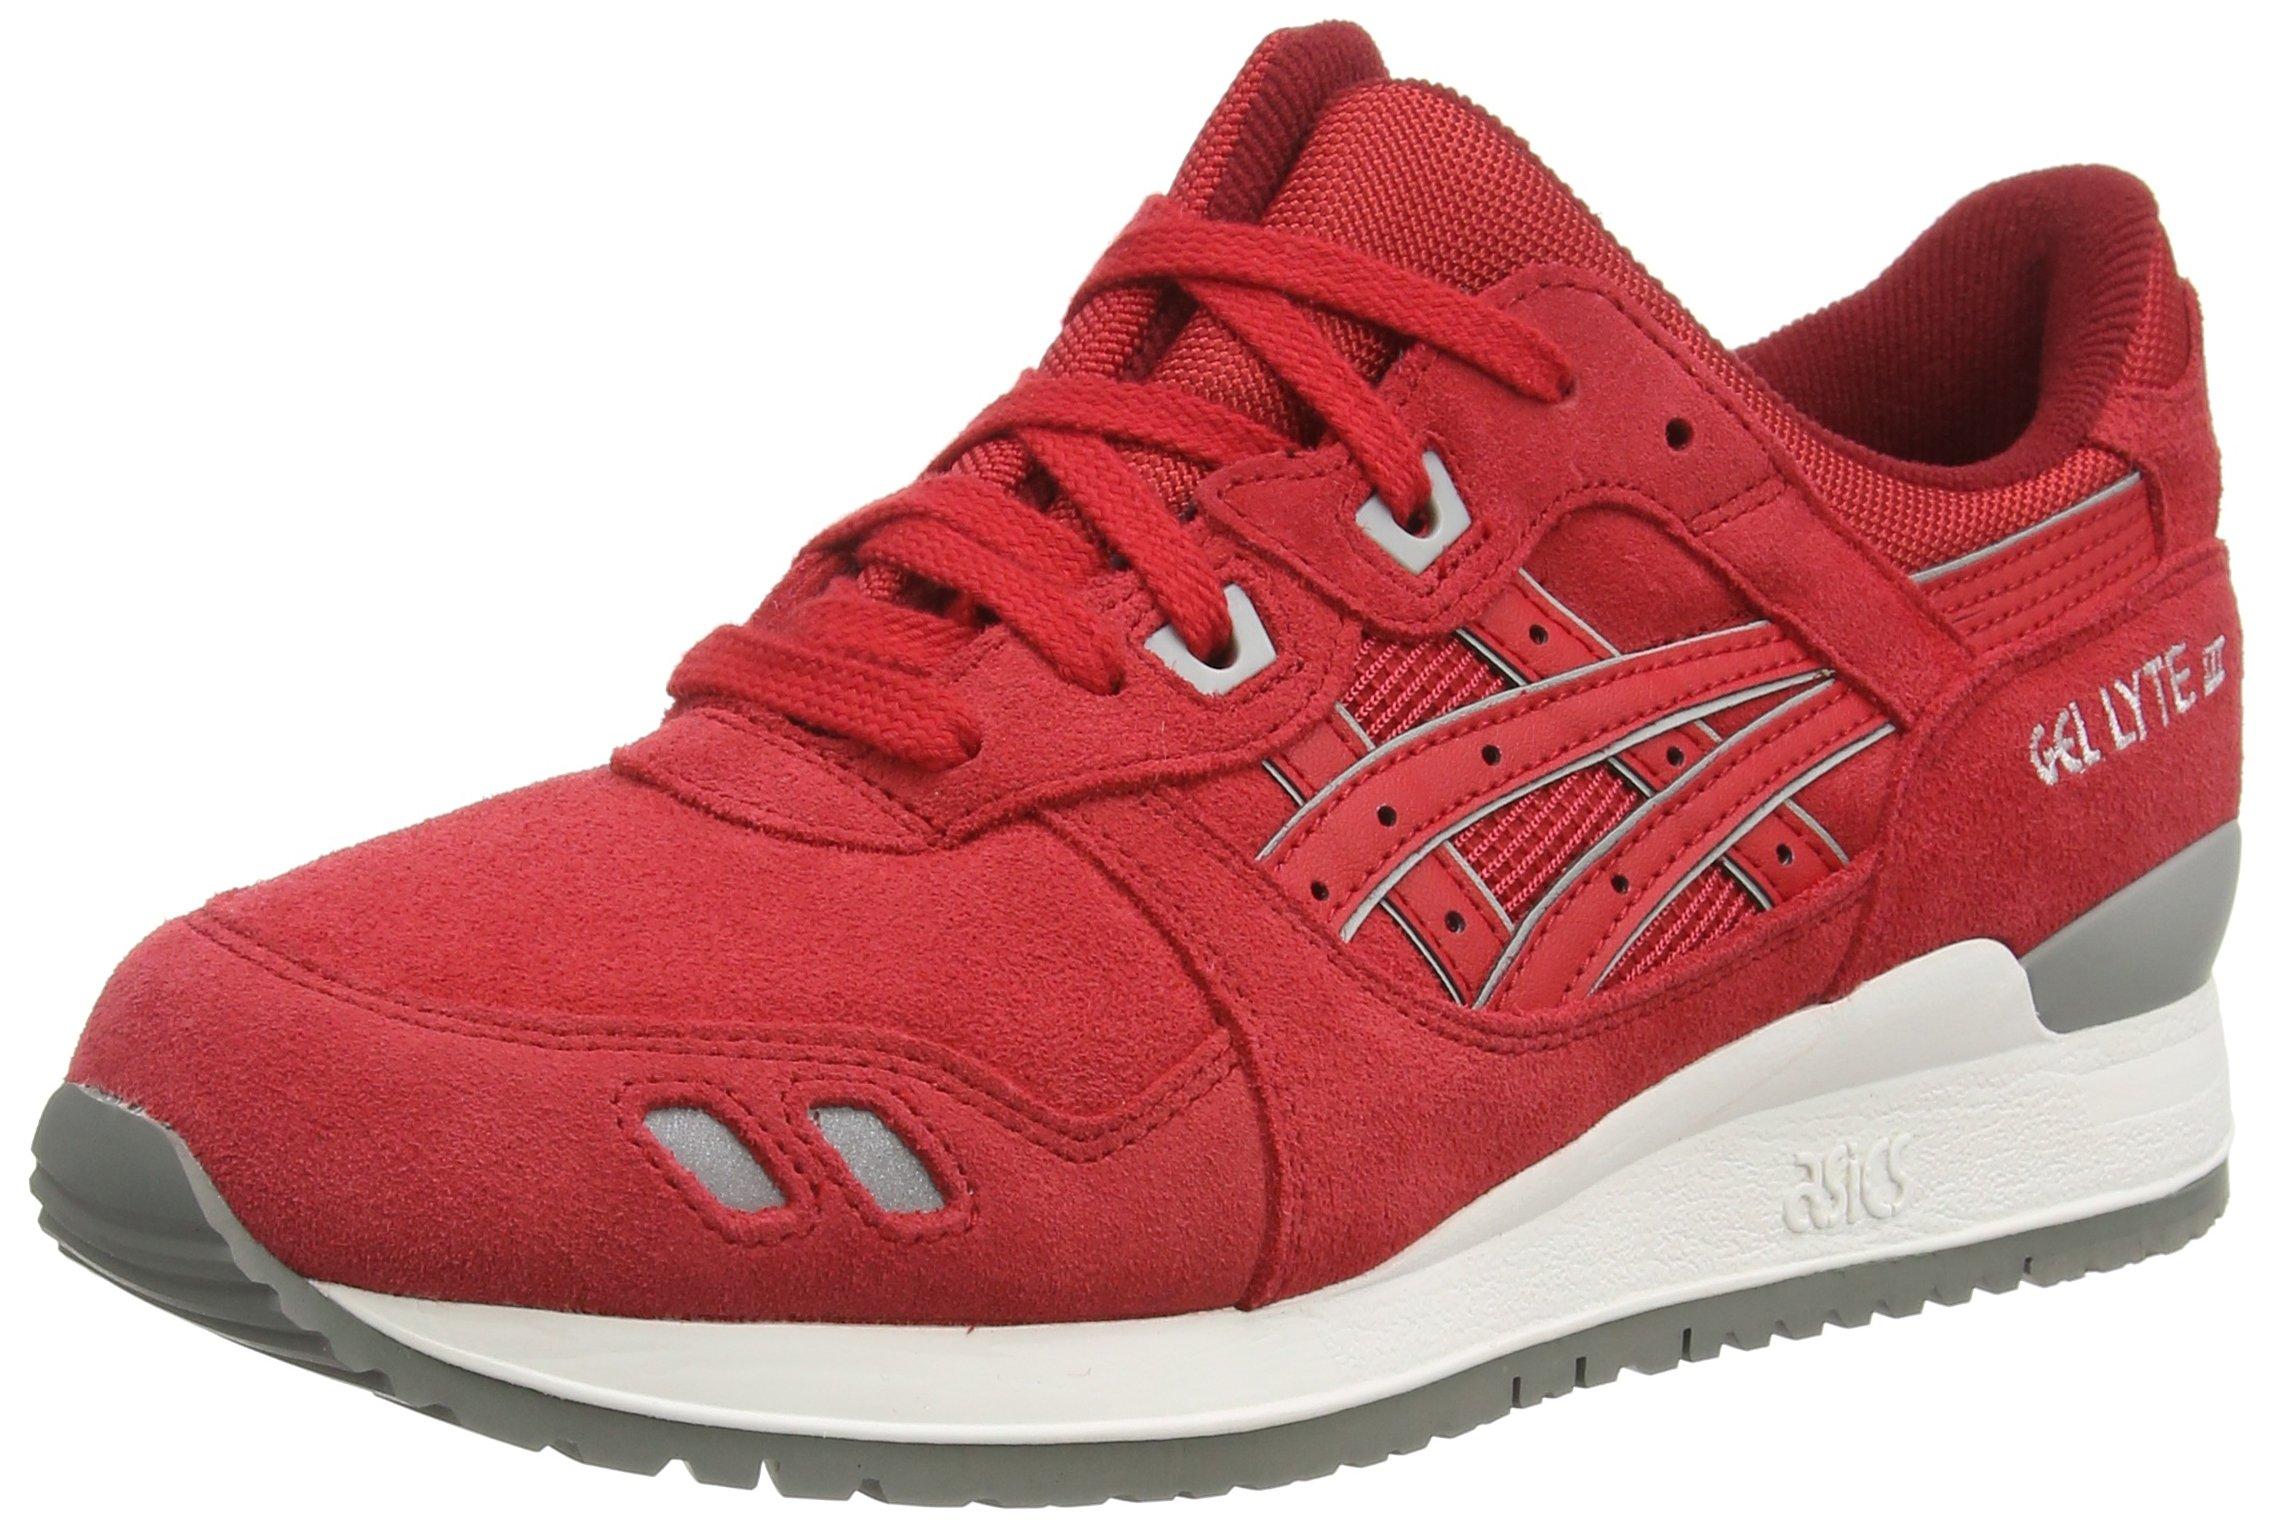 Gel Basses Sneakers Asics red Eu6 232339 lyte Adulte Rougered Uk IiiH534l Mixte N0vm8wn